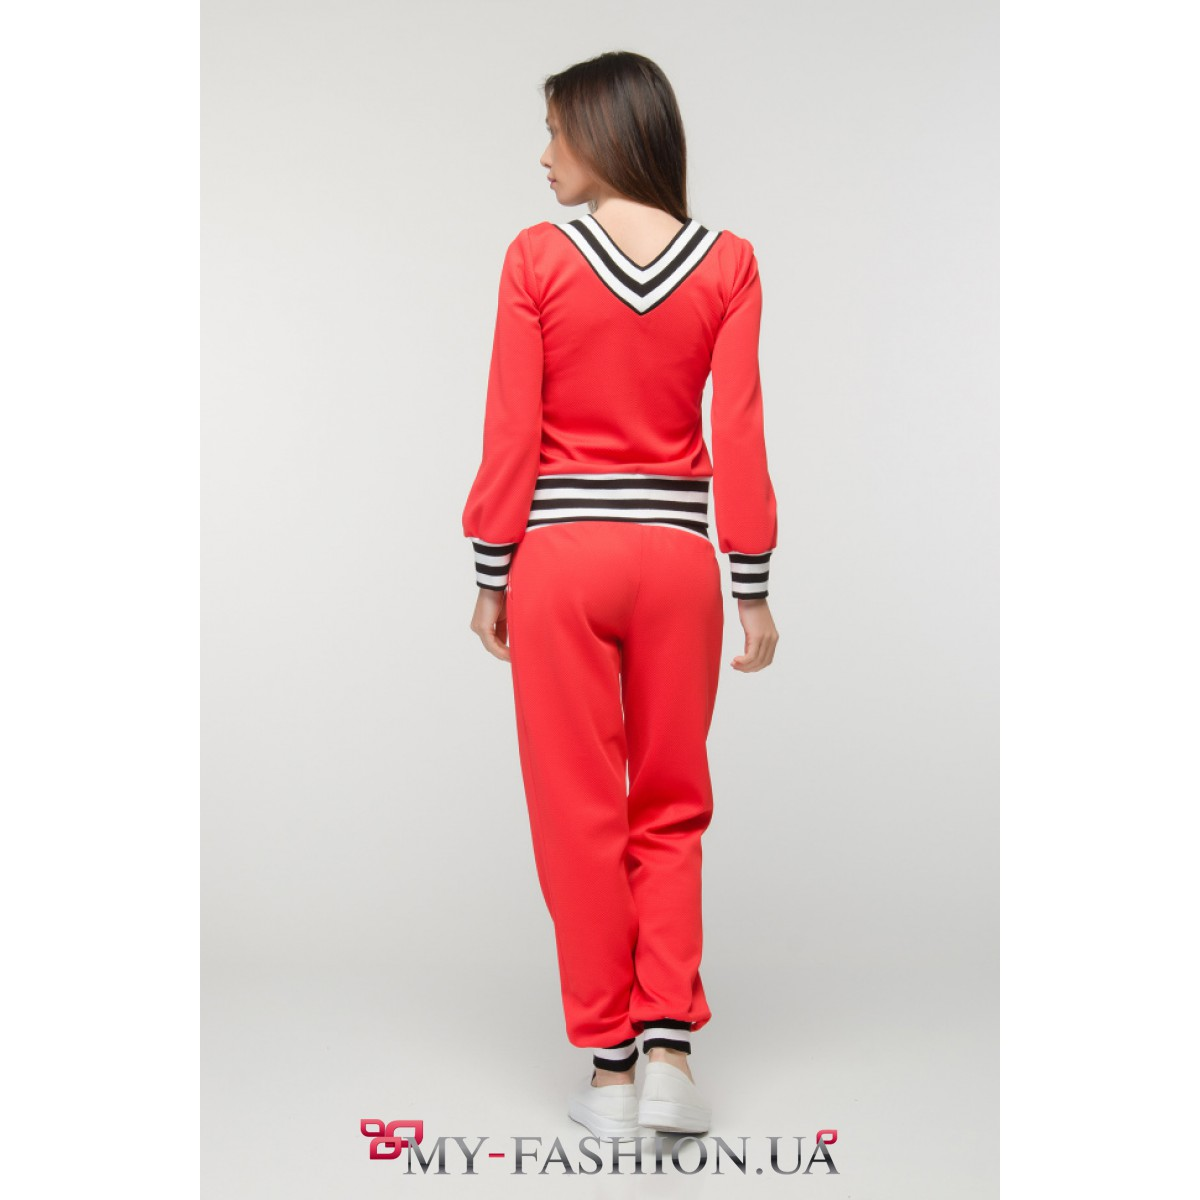 Красный спортивный костюм женский с доставкой